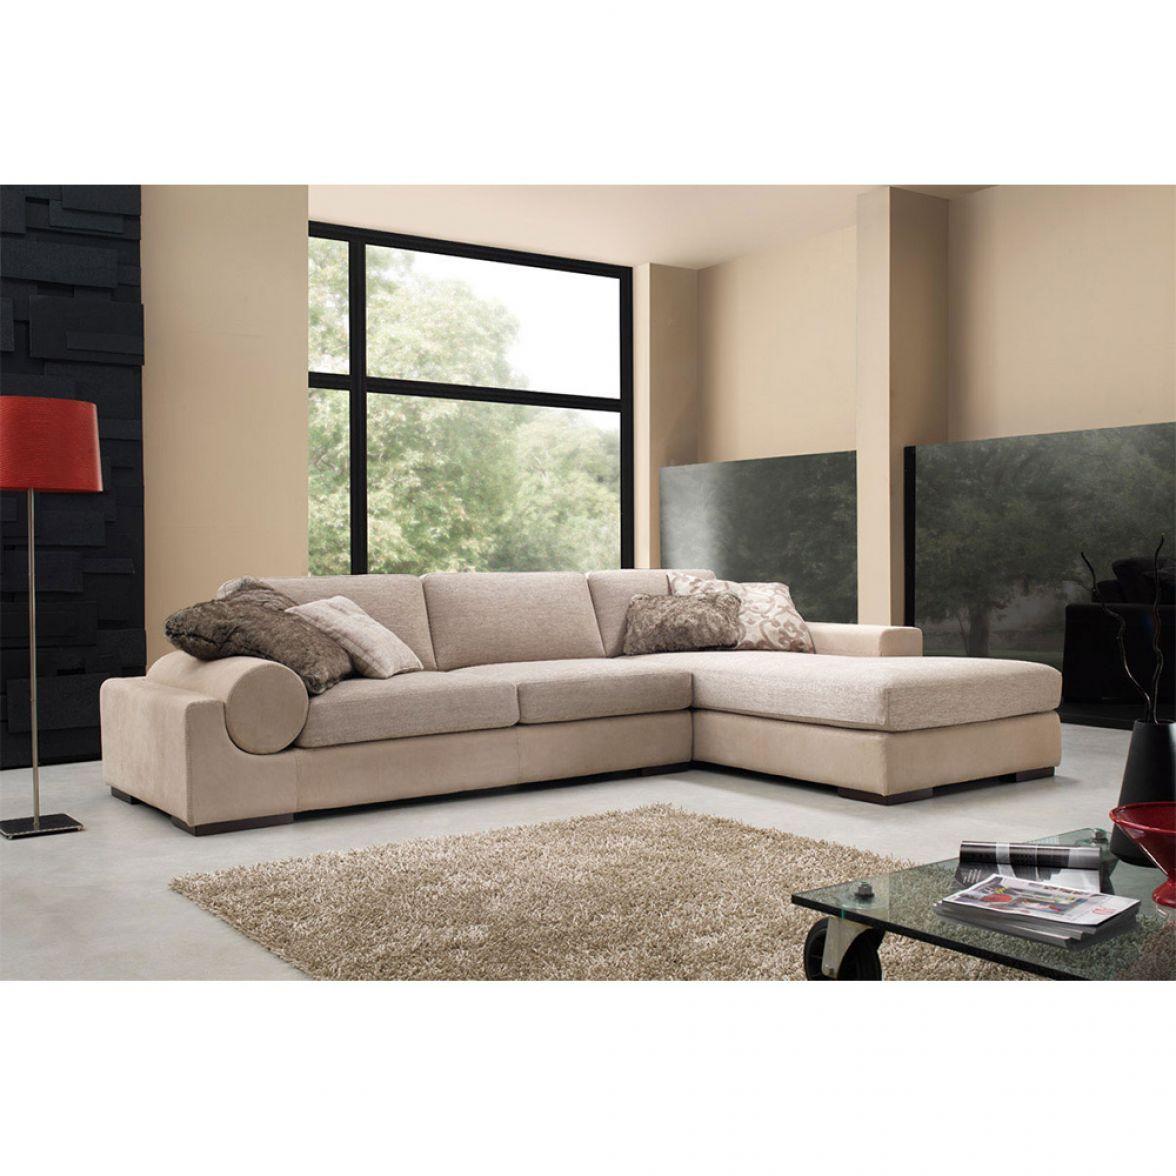 Moonlight sofa